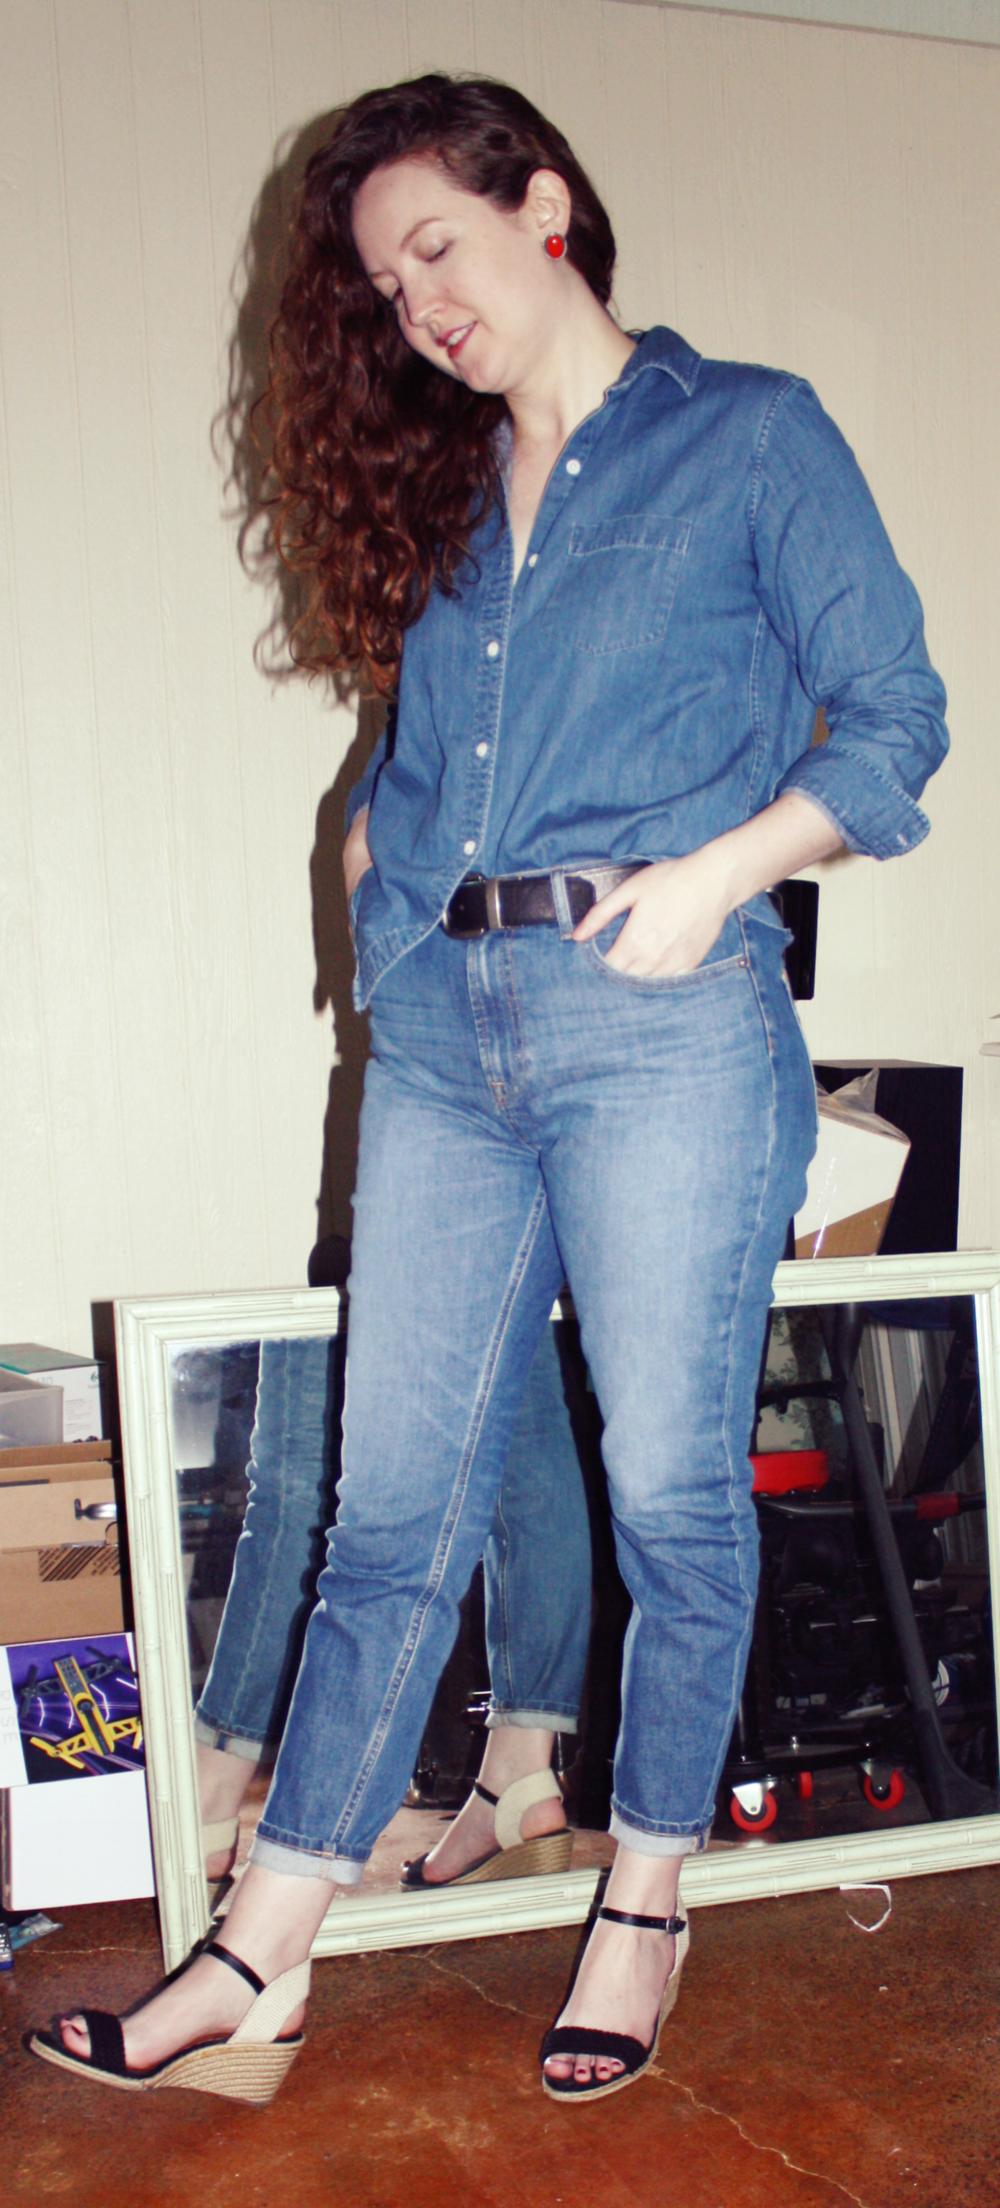 Grana Denim Shirt + Everlane High Rise Skinny +Wedges